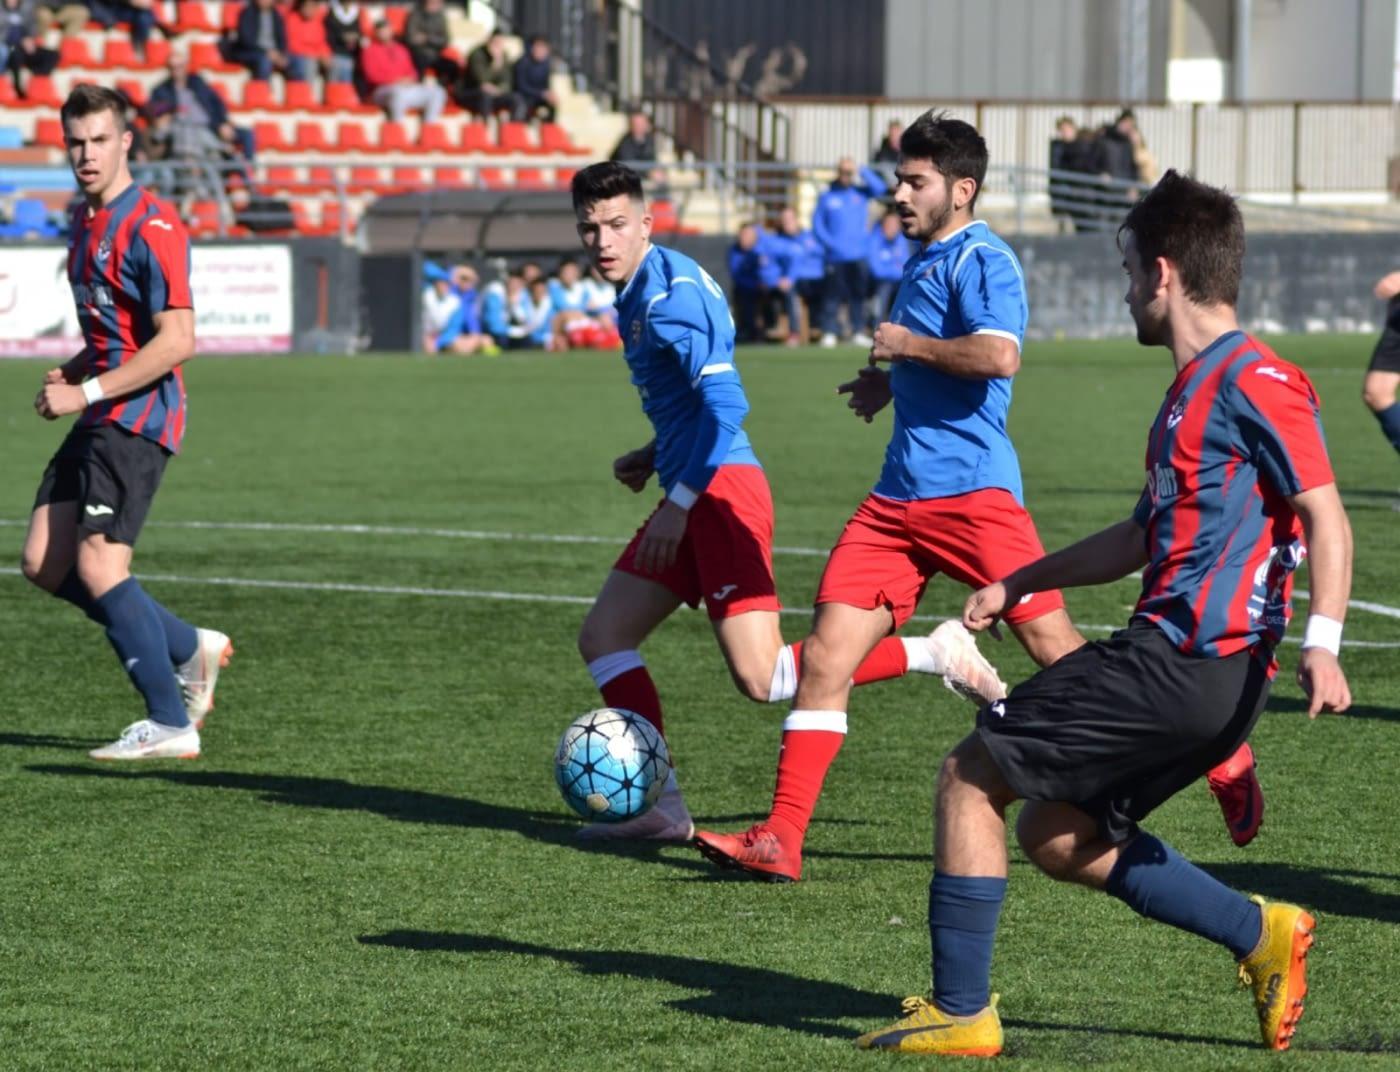 Crònica - Jornada  19  Primera Catalana: UE Tàrrega  1-0  UD Vista Alegre